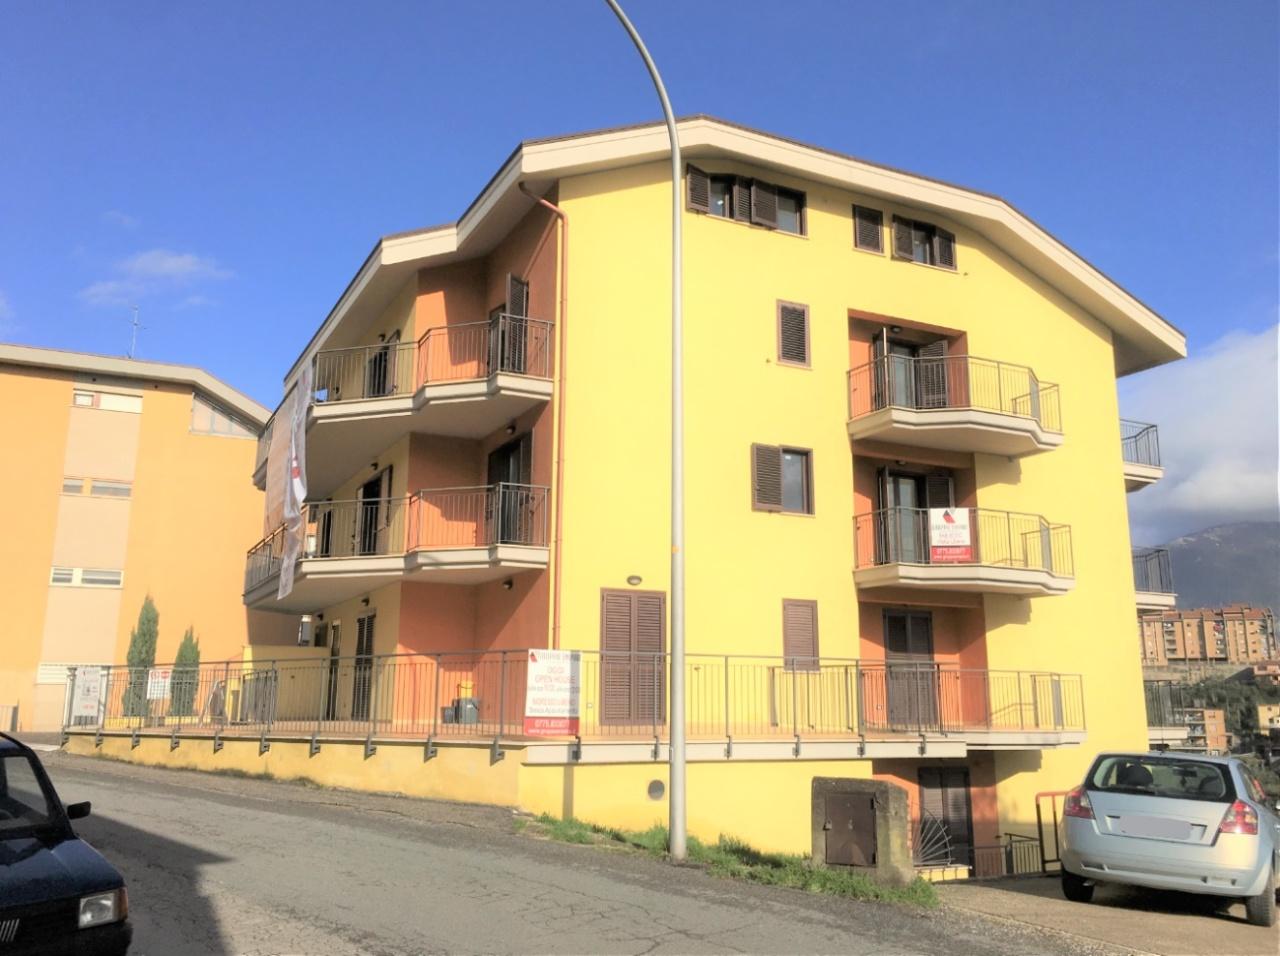 Appartamento in vendita Rif. 4146366